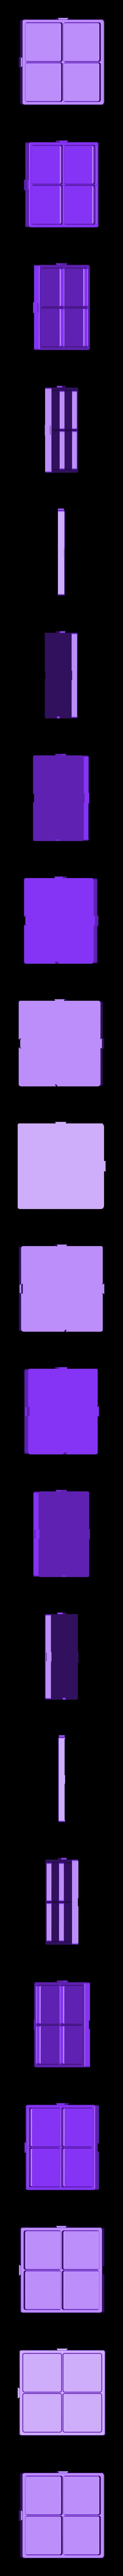 ModuloCase-A.stl Télécharger fichier STL gratuit Modulo Case Version 1 • Modèle à imprimer en 3D, Almisuifre